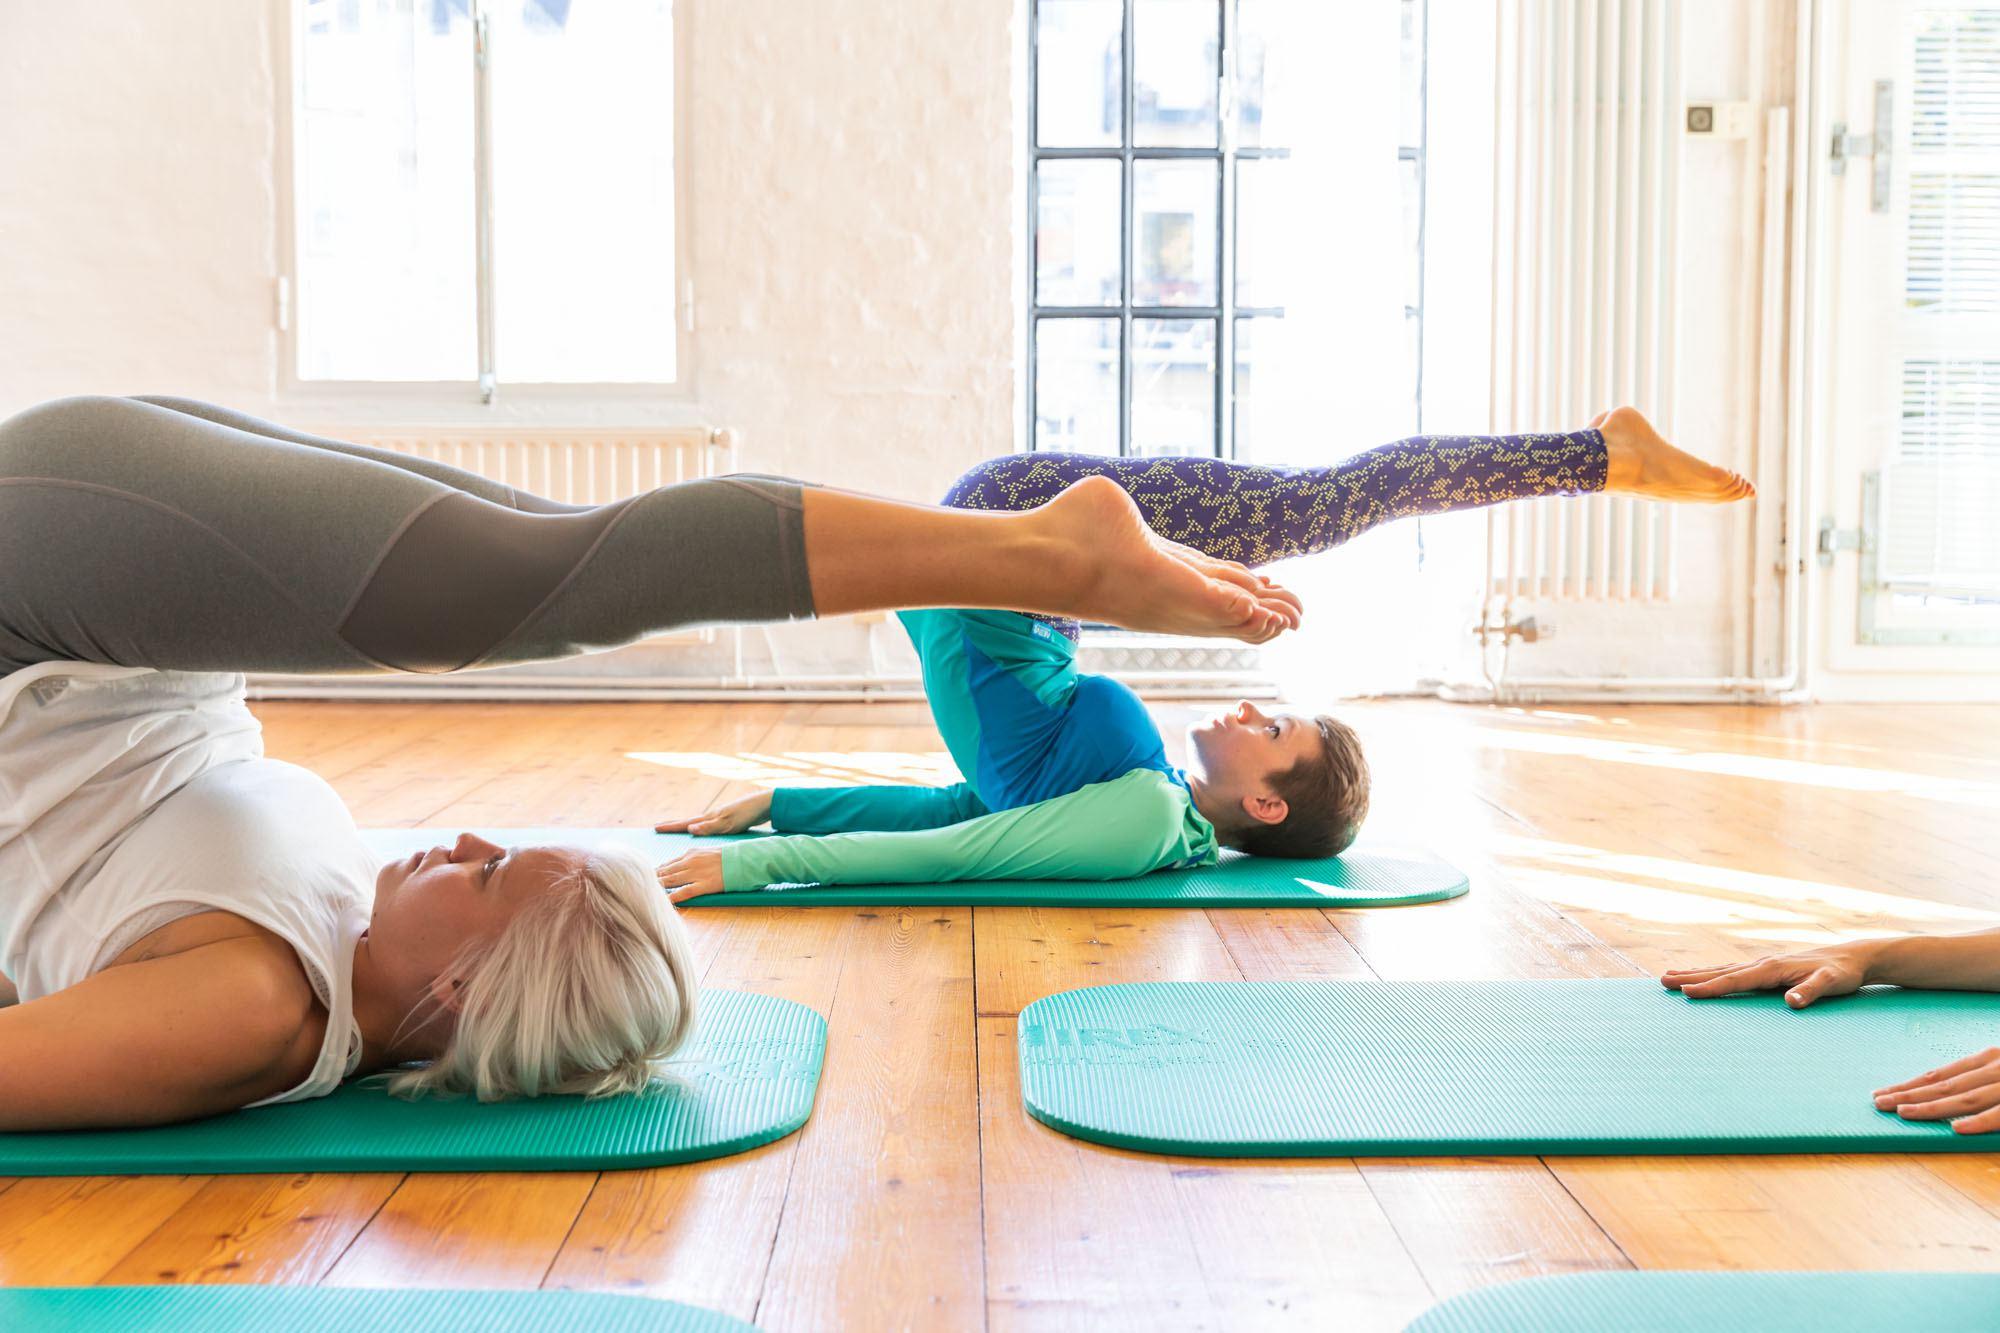 Bei Pure Balance gibt es Mattentraining, Pilates für Schwangere und Mütter mit Kind, die Faszienkurse und verschiedene Workshops. Foto: Pure Balance